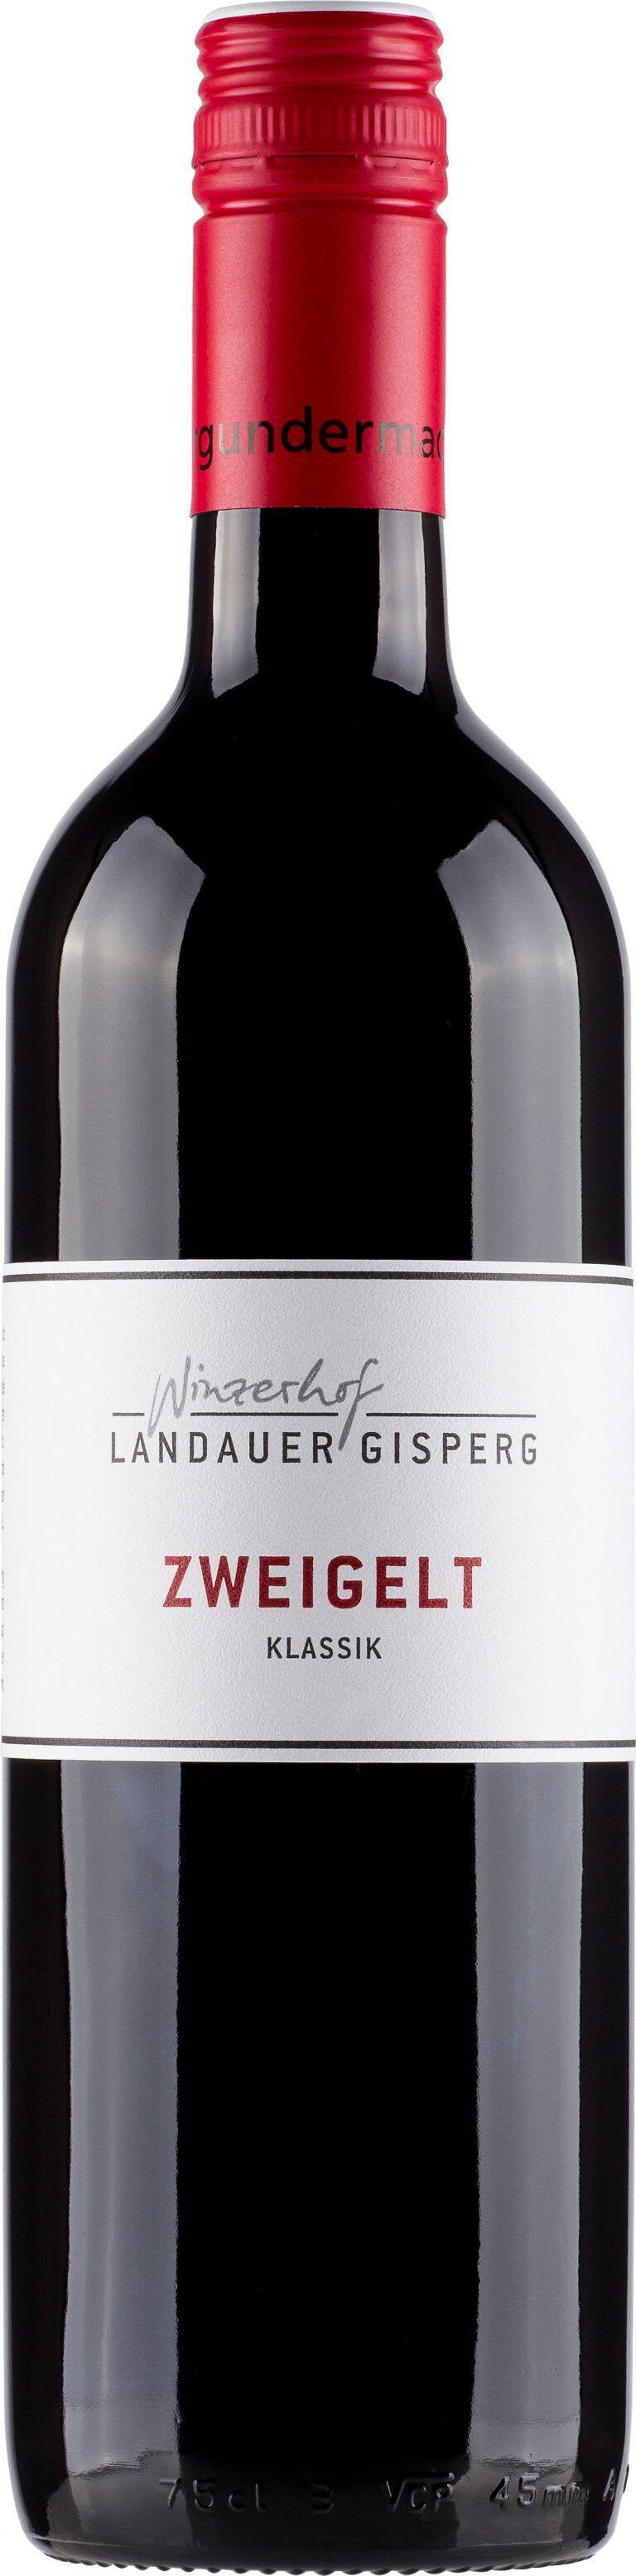 Landauer-Gisperg; Winzerhof Zweigelt Klassik; Landauer-Gisperg 6x0,75l